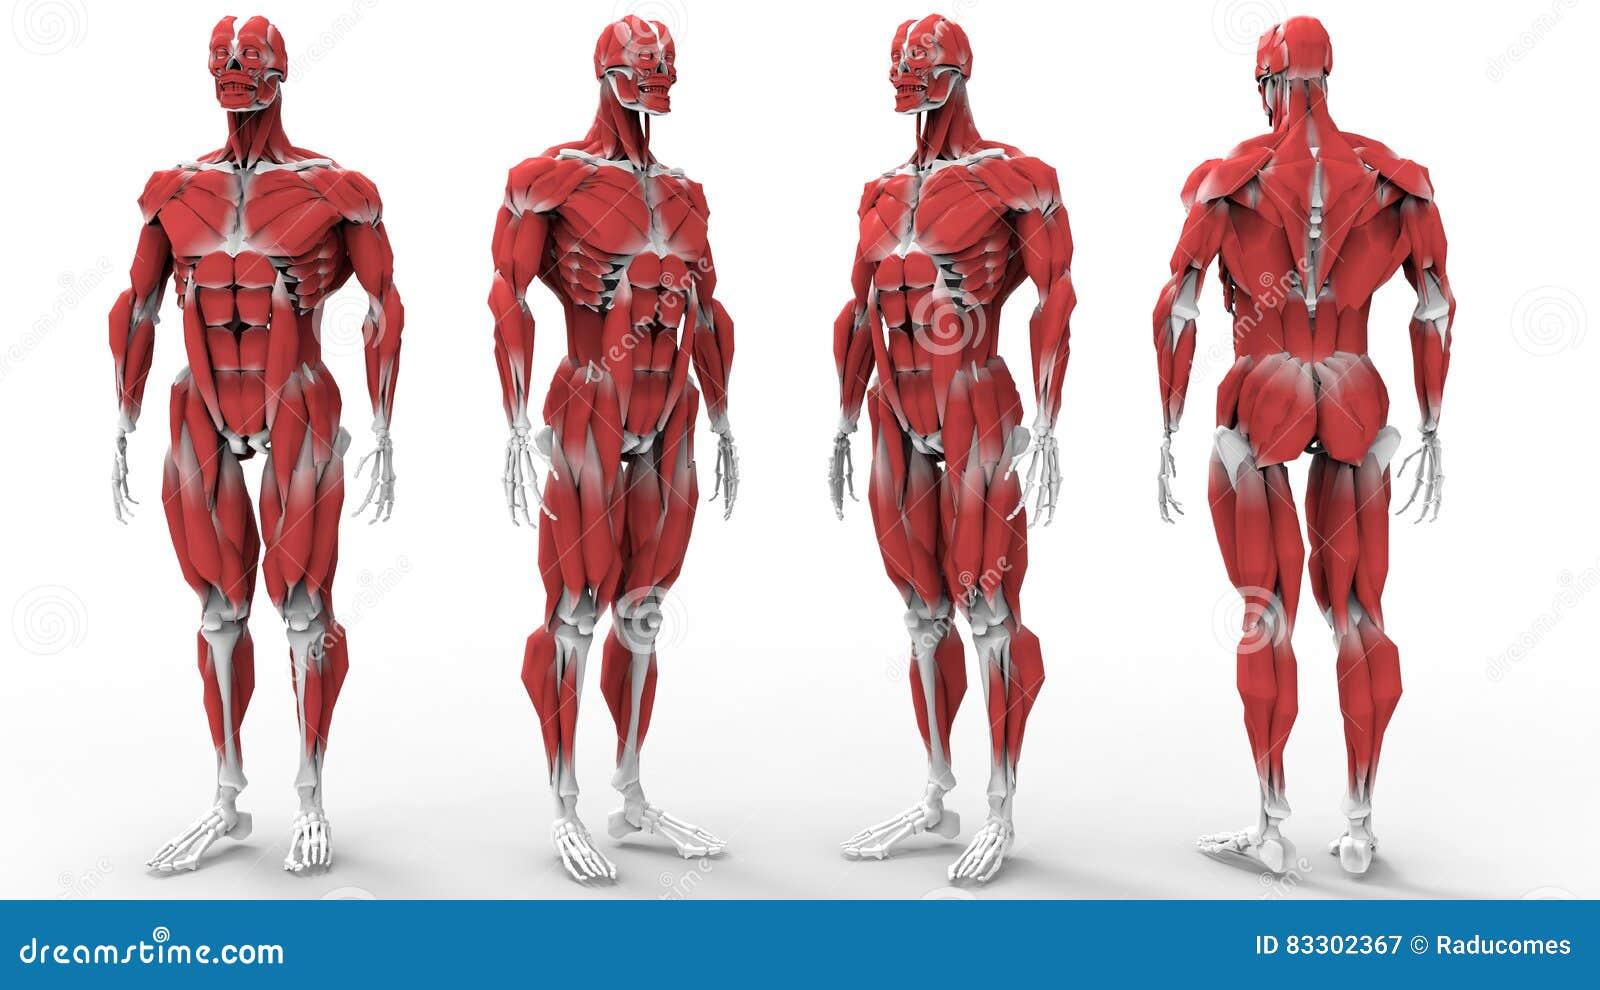 Großzügig Knochen Und Muskeln Ideen - Menschliche Anatomie Bilder ...